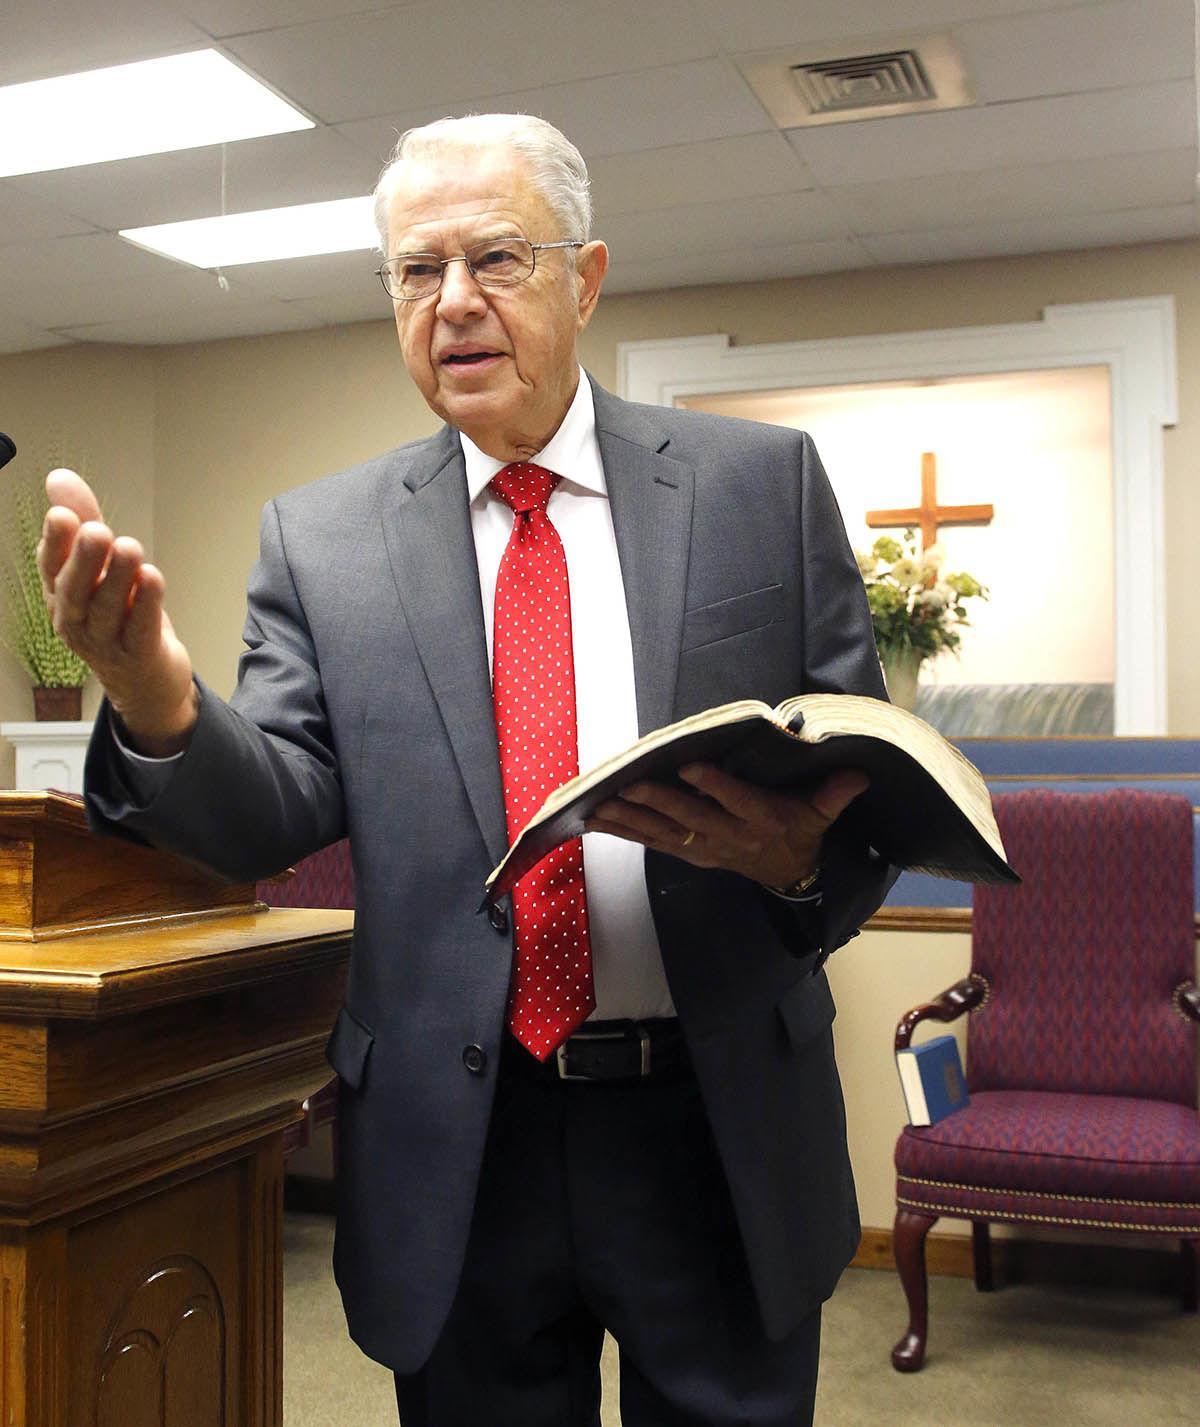 Pastor C.O. Grinstead